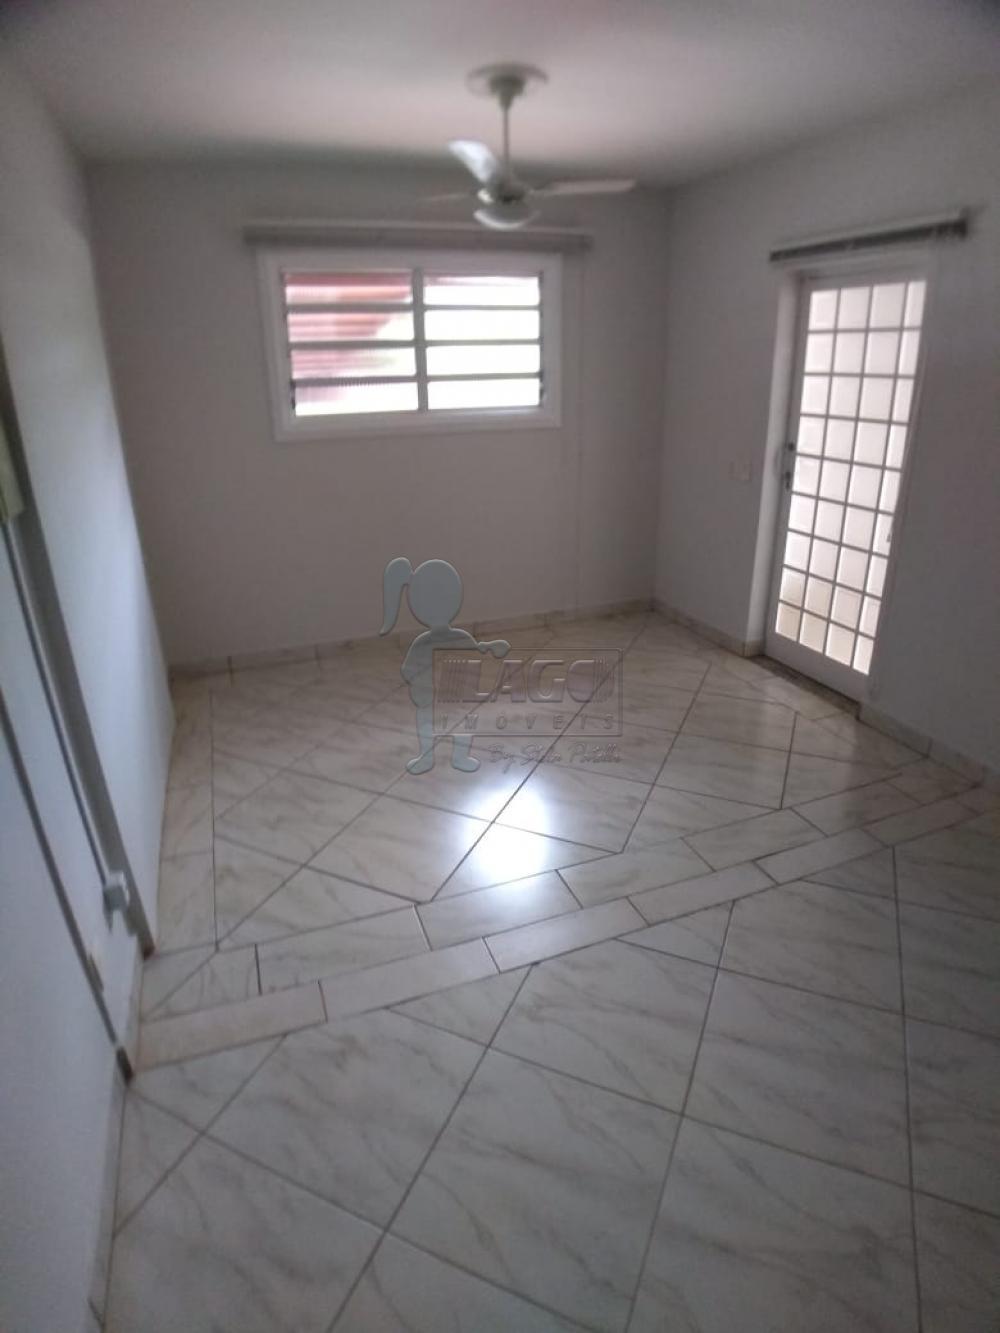 Alugar Casas / Condomínio em Ribeirão Preto apenas R$ 1.400,00 - Foto 4